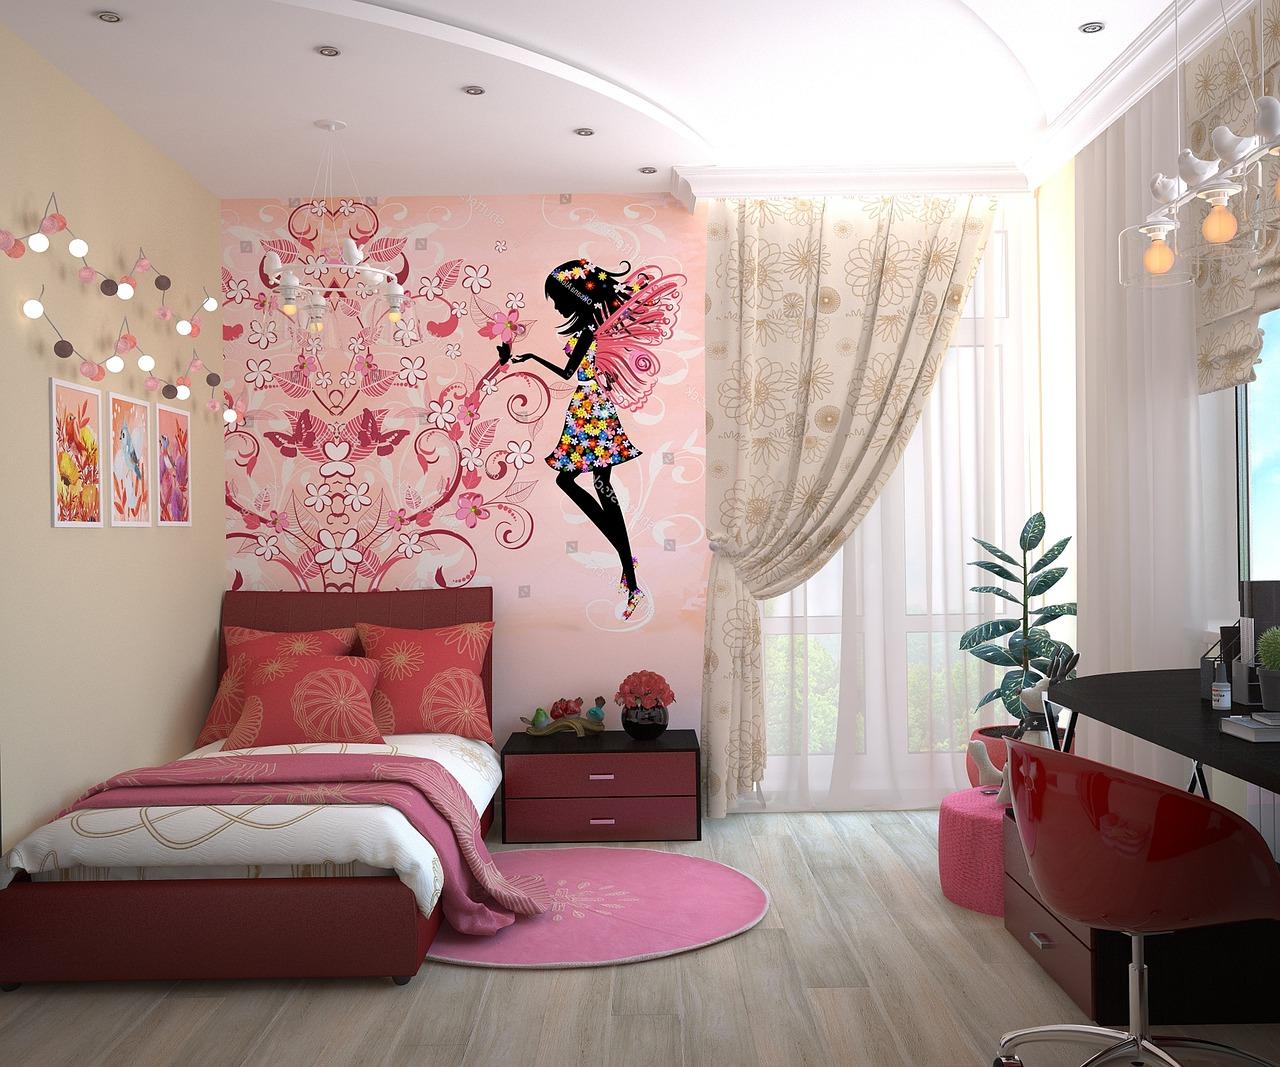 Chambre couleurs vives